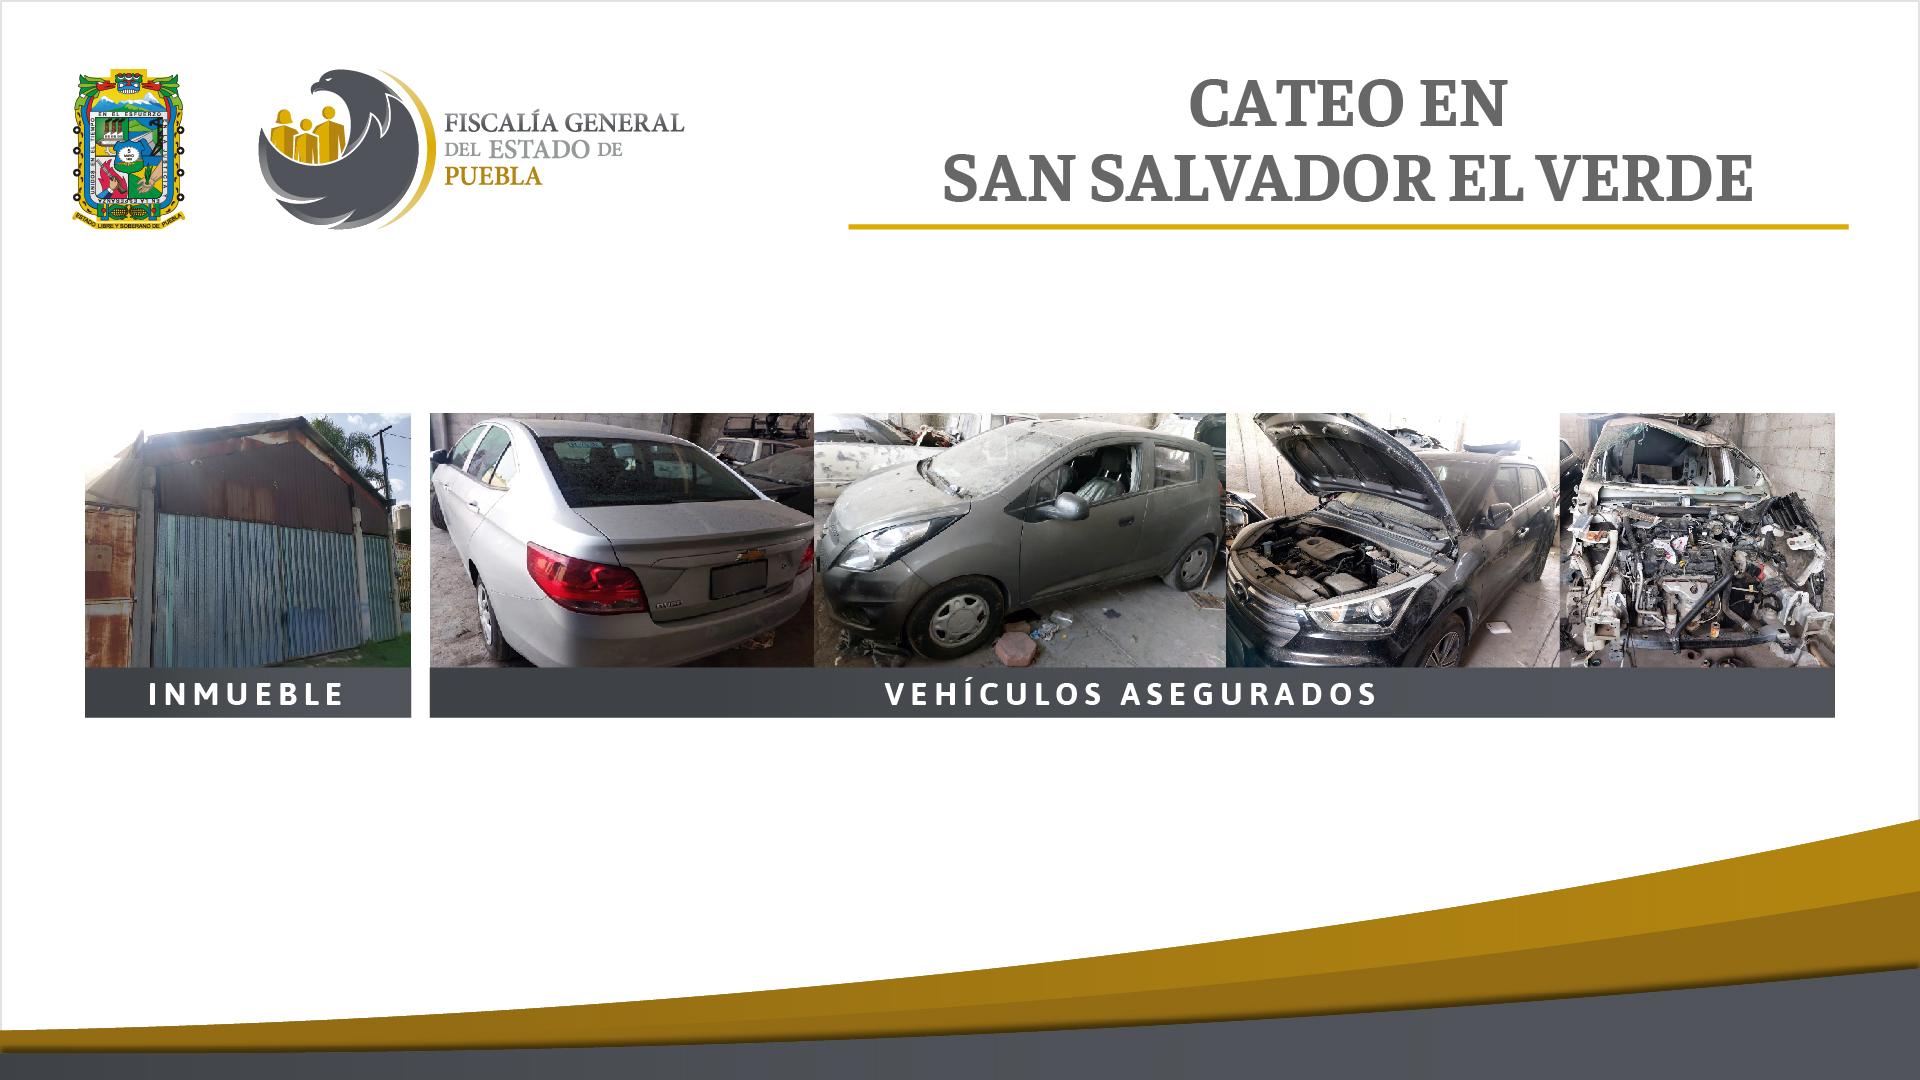 Hallan inmueble donde desmantelaban autos robados en San Salvador El Verde